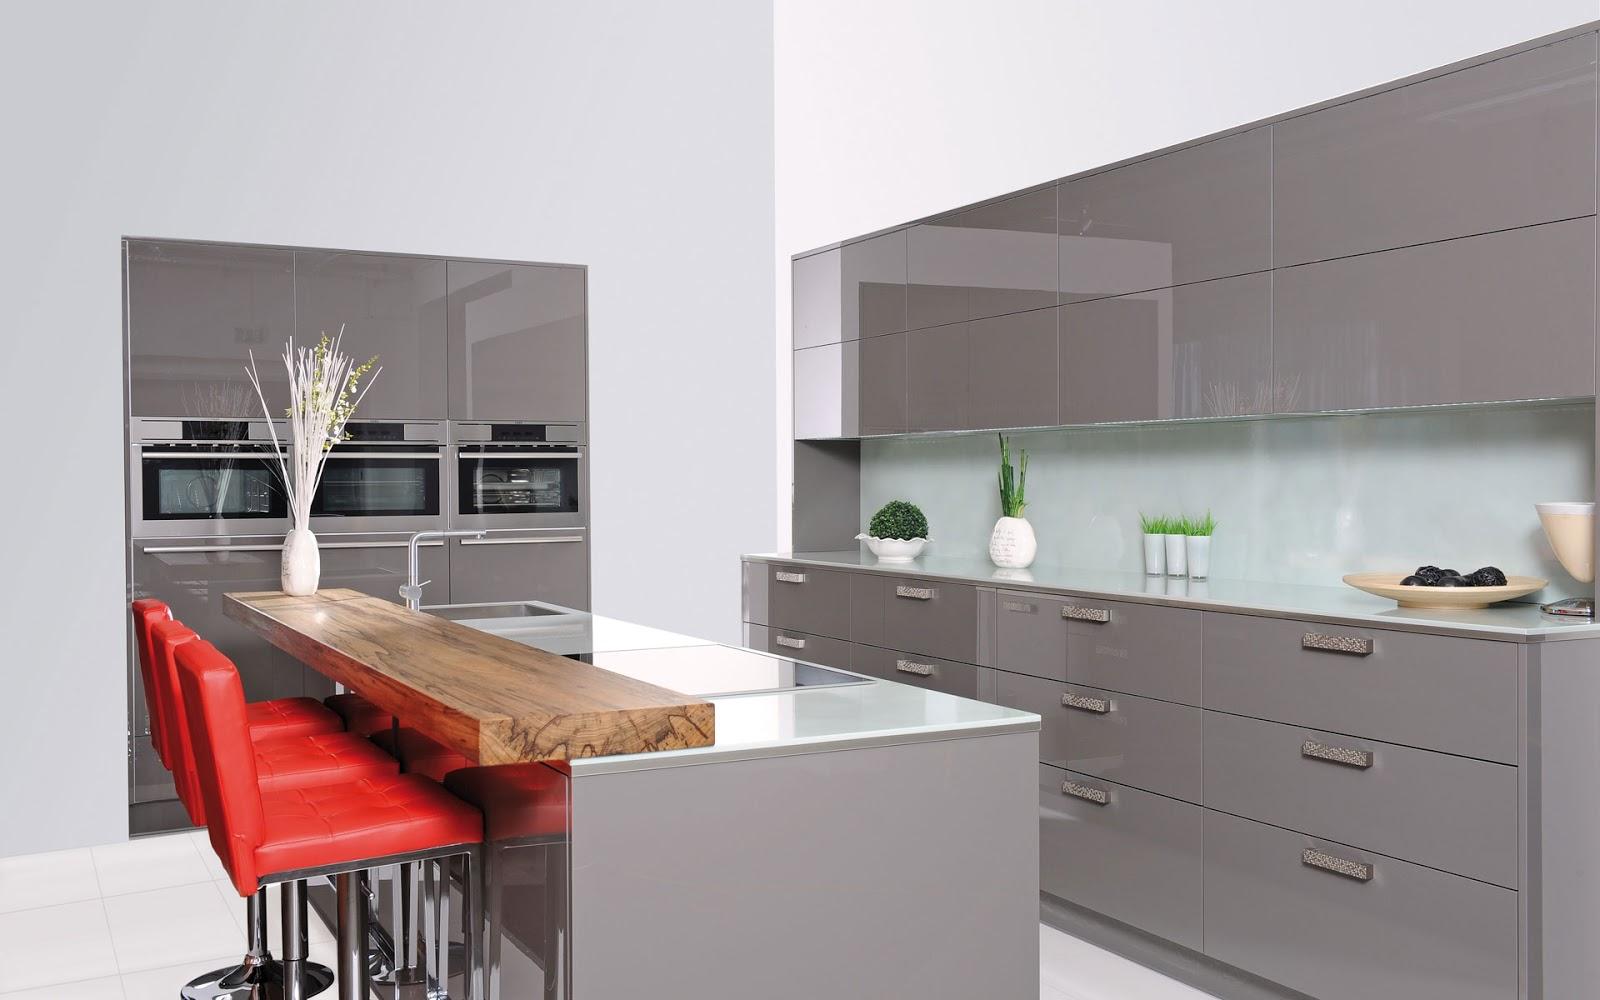 30 ideas de mesas y barras para comer en la cocina for Altura meson cocina